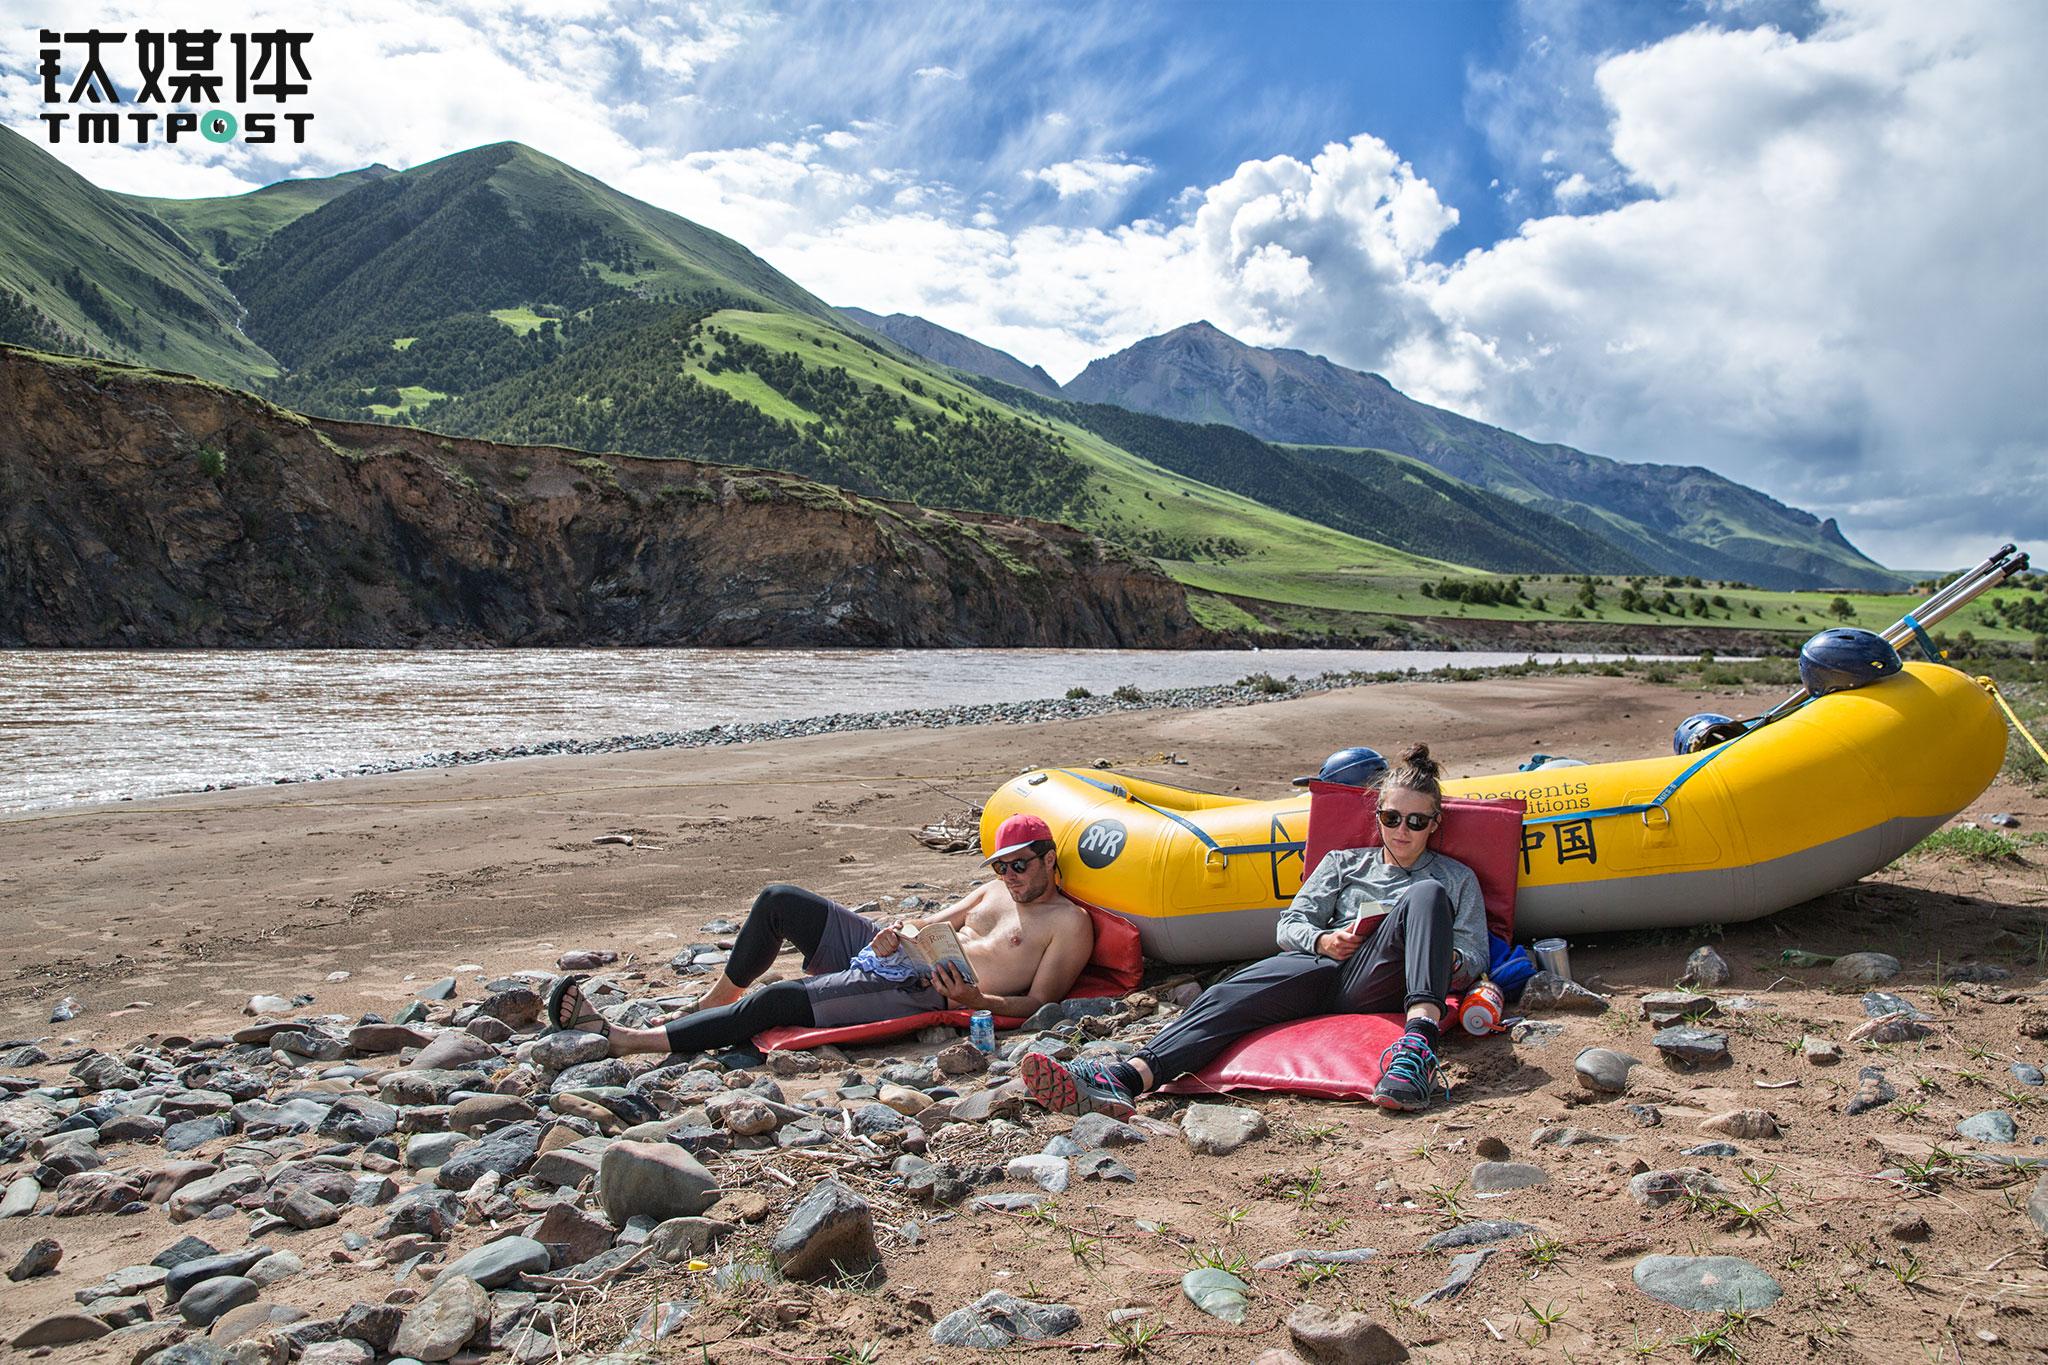 """营地附近,两名客人靠在船上看书。漂流中国设立了""""河流图书馆"""",为客人们提供关于自然、环境和河流的相关中英文书籍。"""